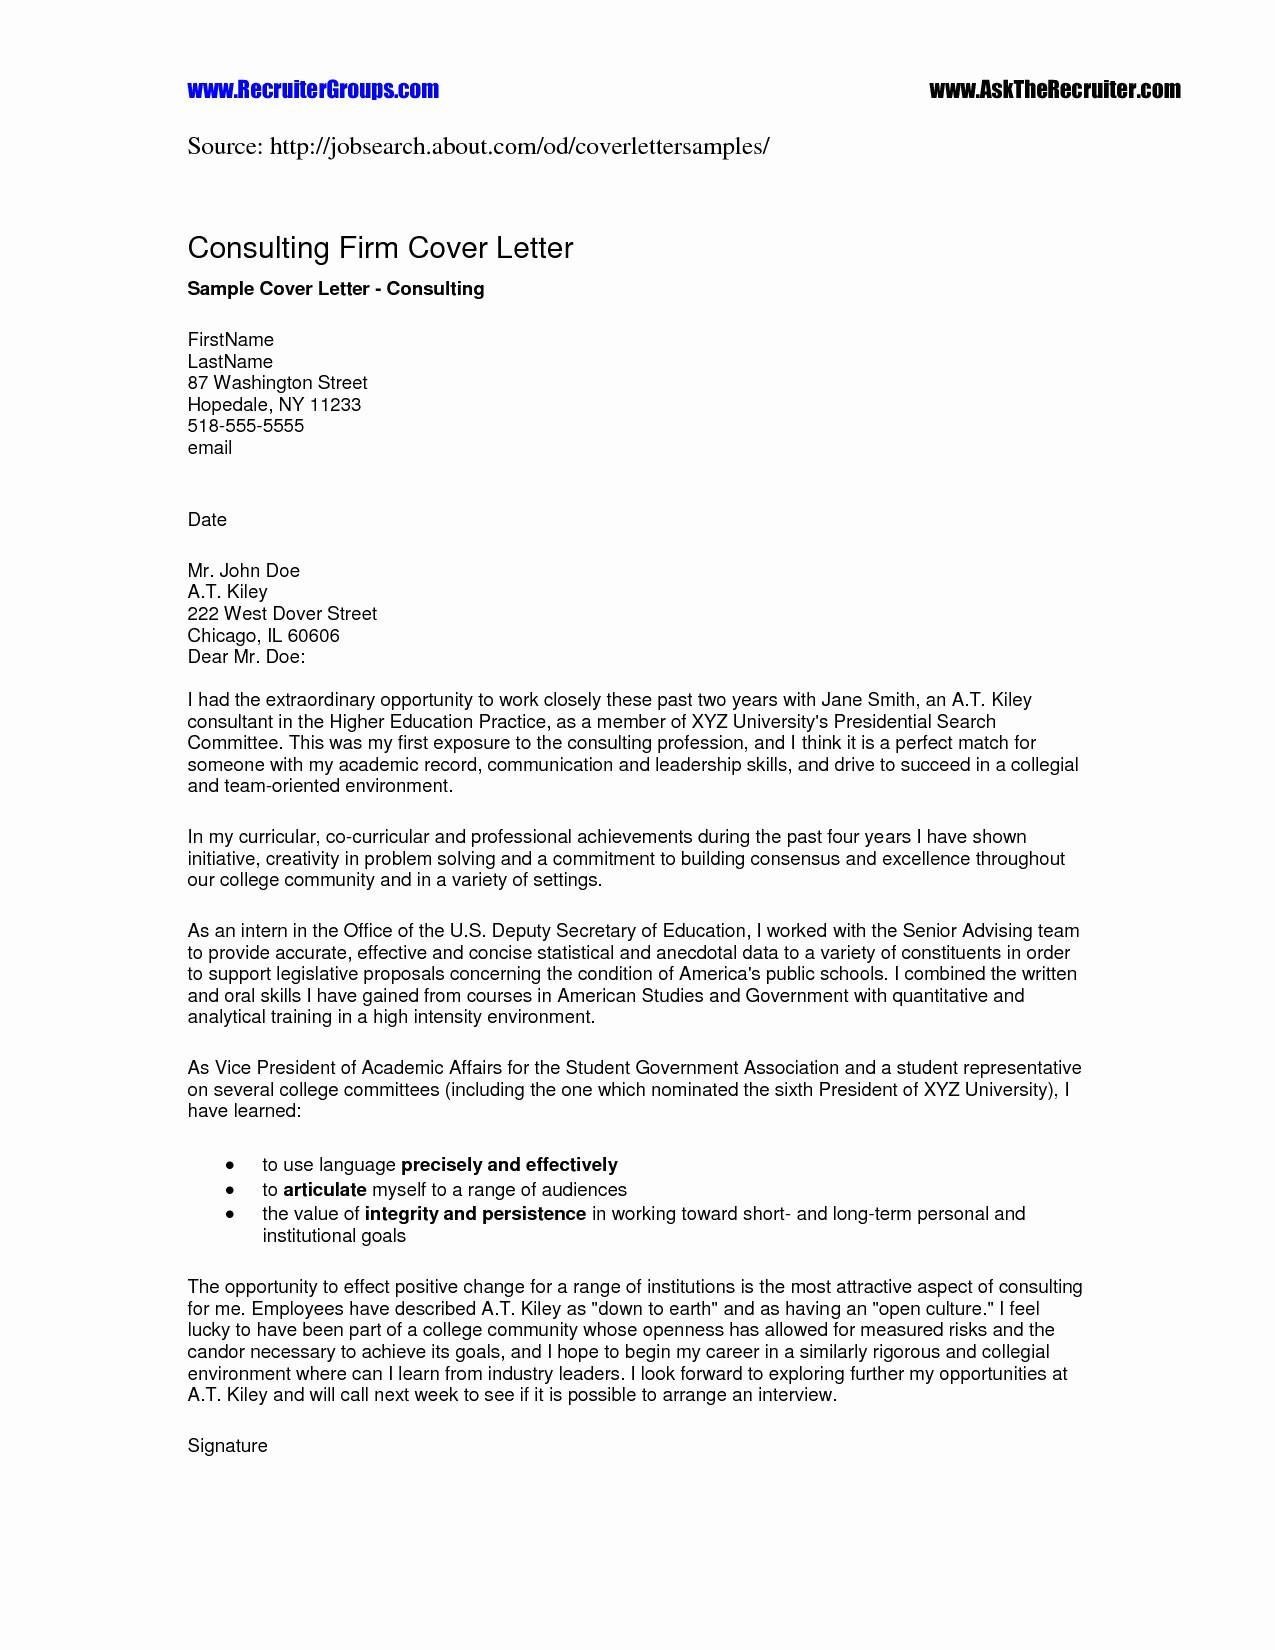 letter of credit cover letter - Kasta.magdalene-project.org